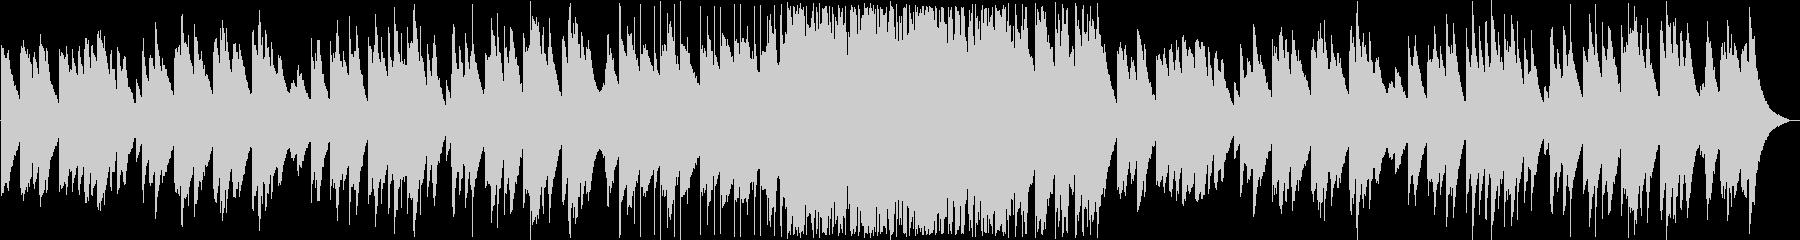 静かで幻想的な鉄琴(ベル)の曲の未再生の波形